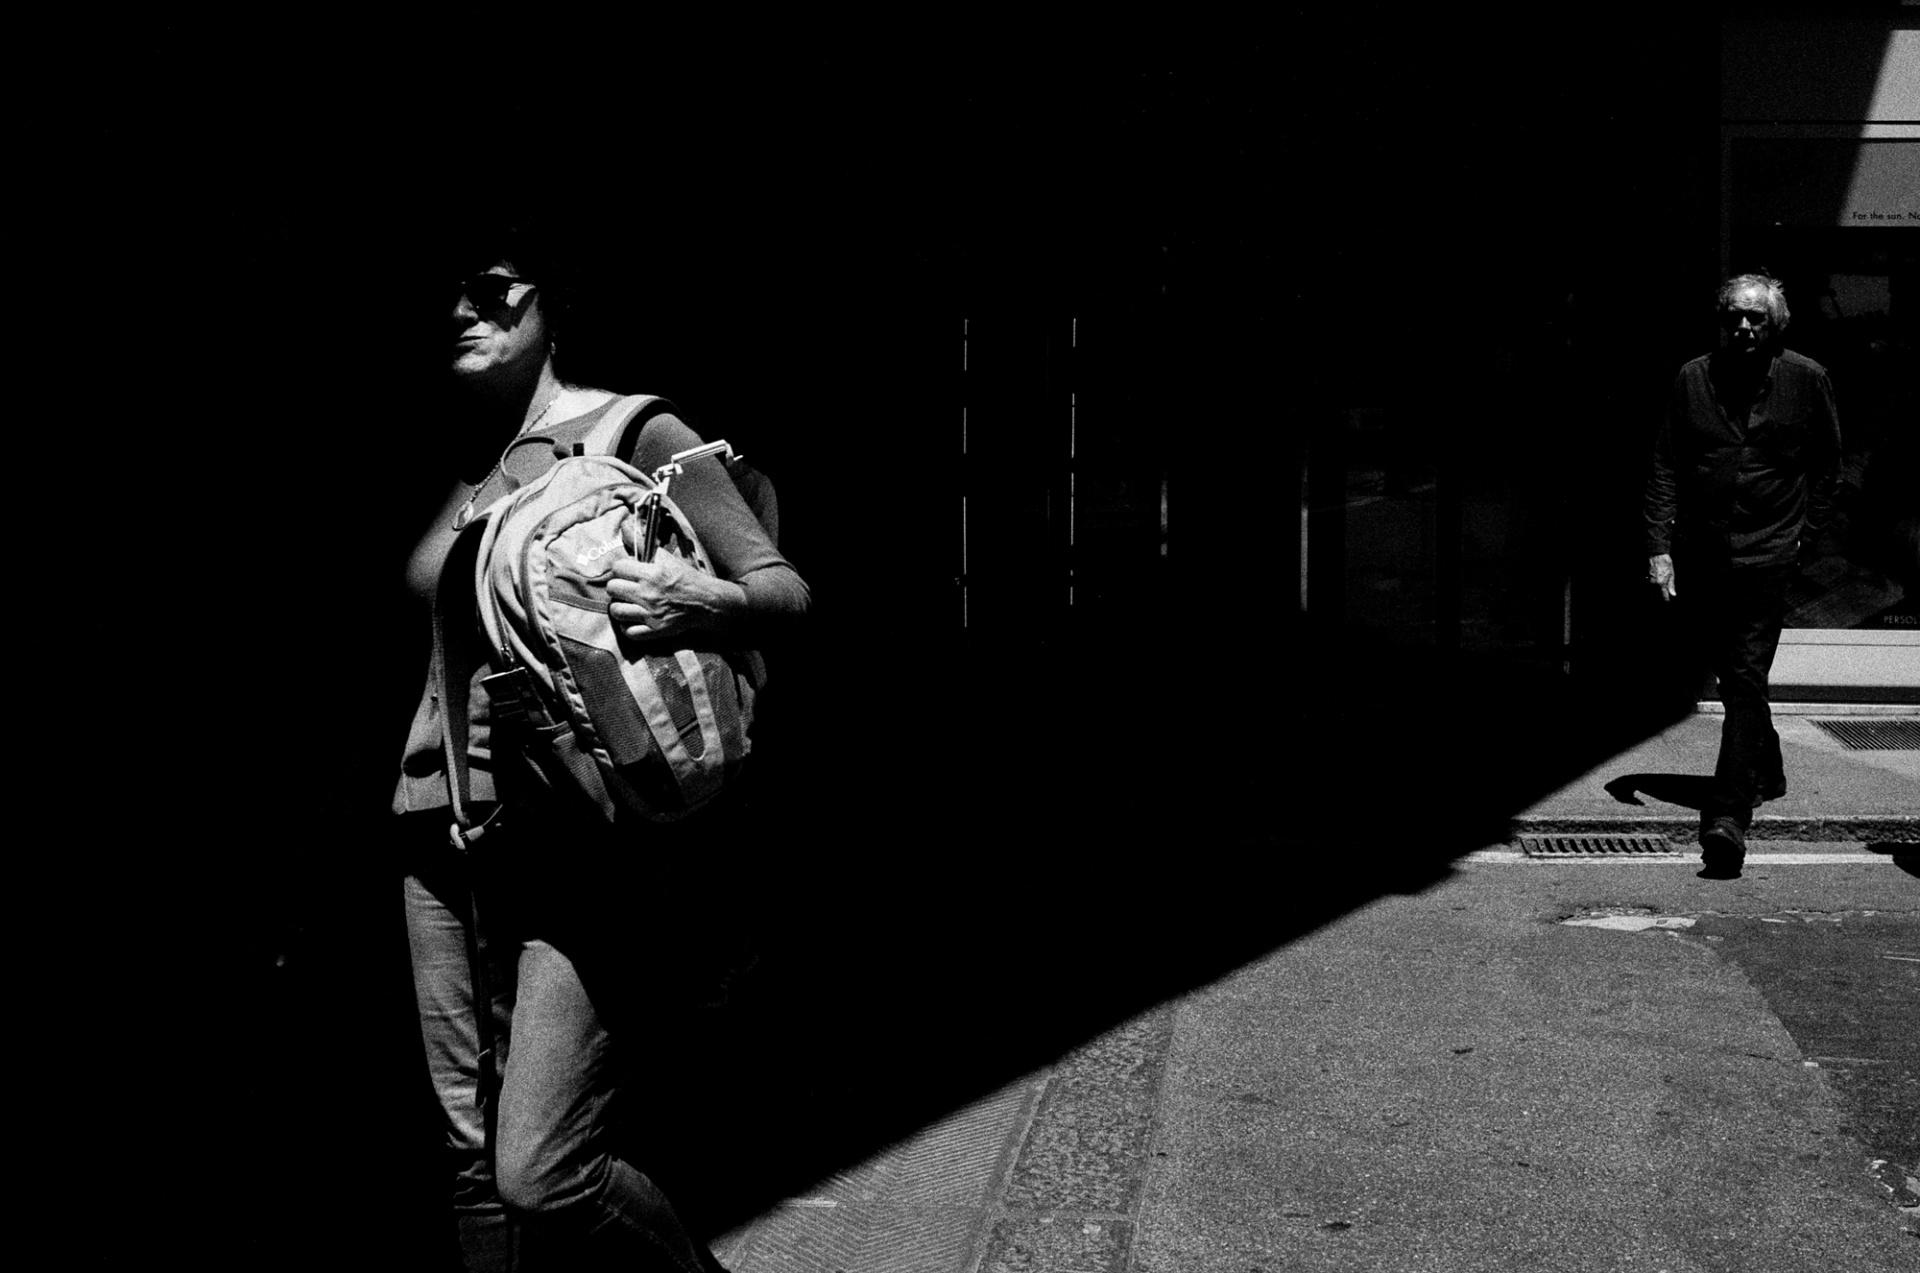 Lights&Shadows, Le Fotografie comprese in questo portfolio rappresentano solo una limitata selezione della più ampia e variagata produzione dell'autore. Una raccolta antologica, che comprende oltre un